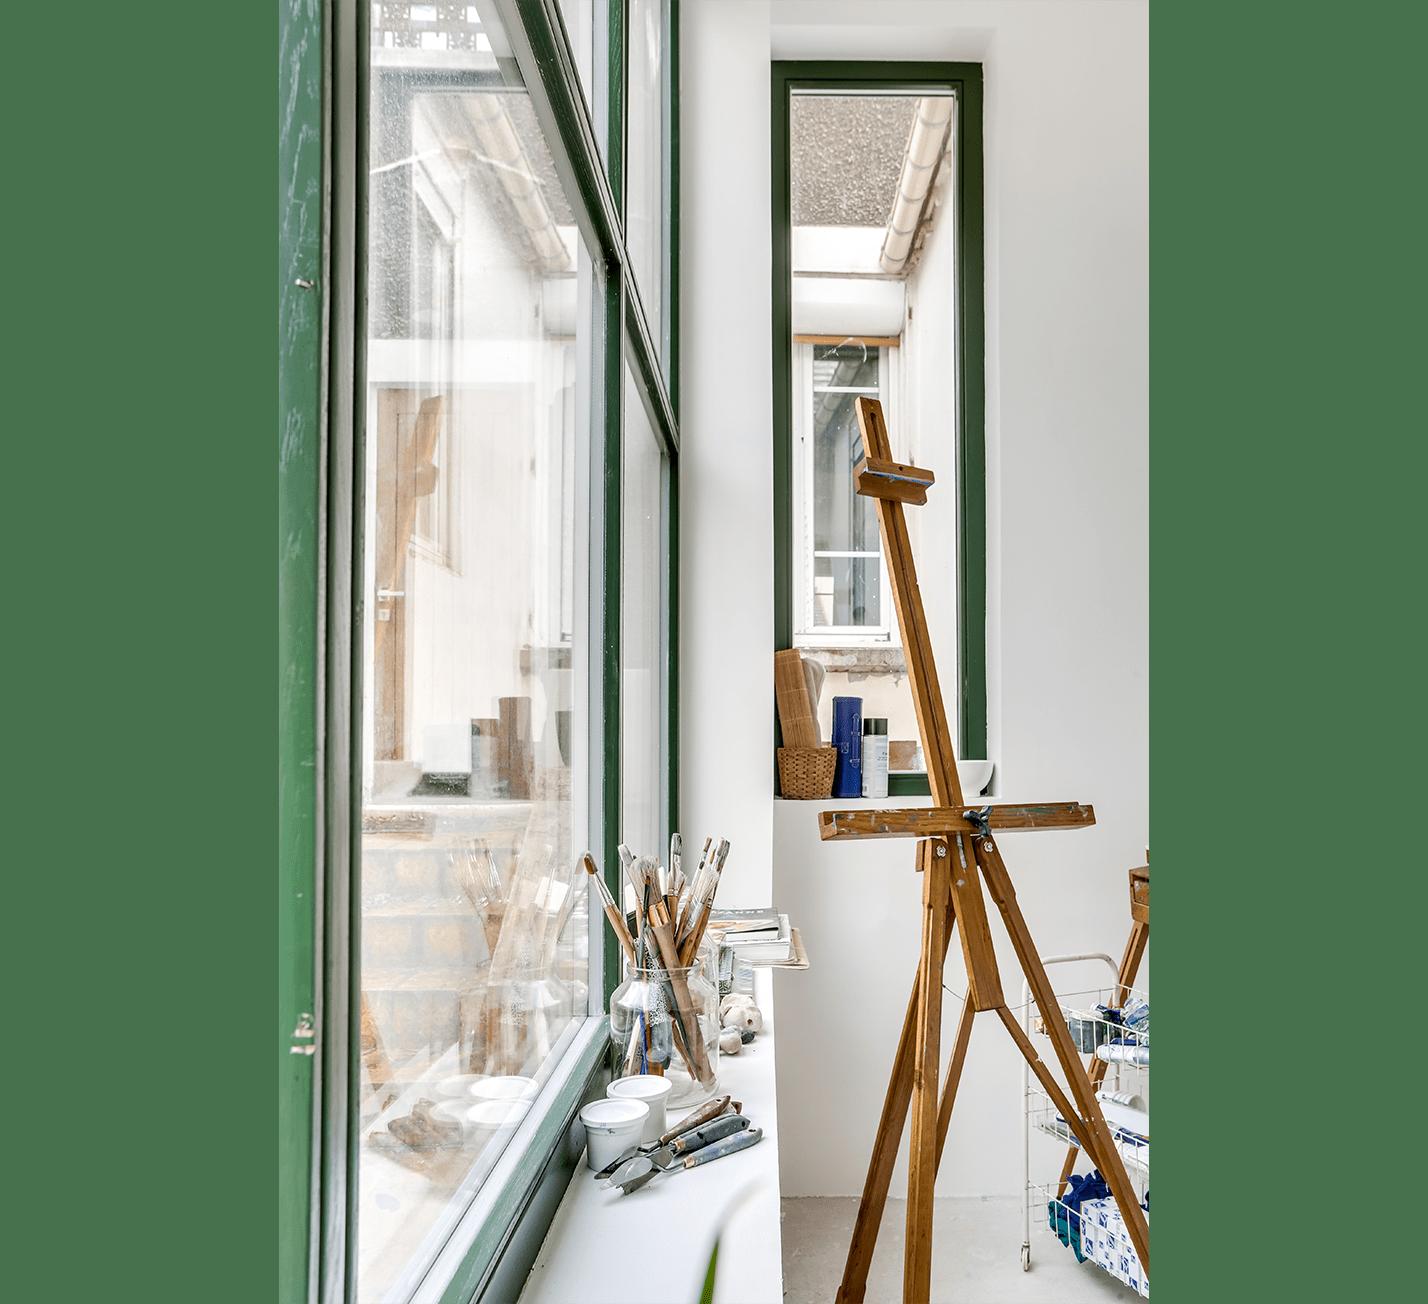 Projet-LAtelier-Atelier-Steve-Pauline-Borgia-Architecture-interieur-01-min